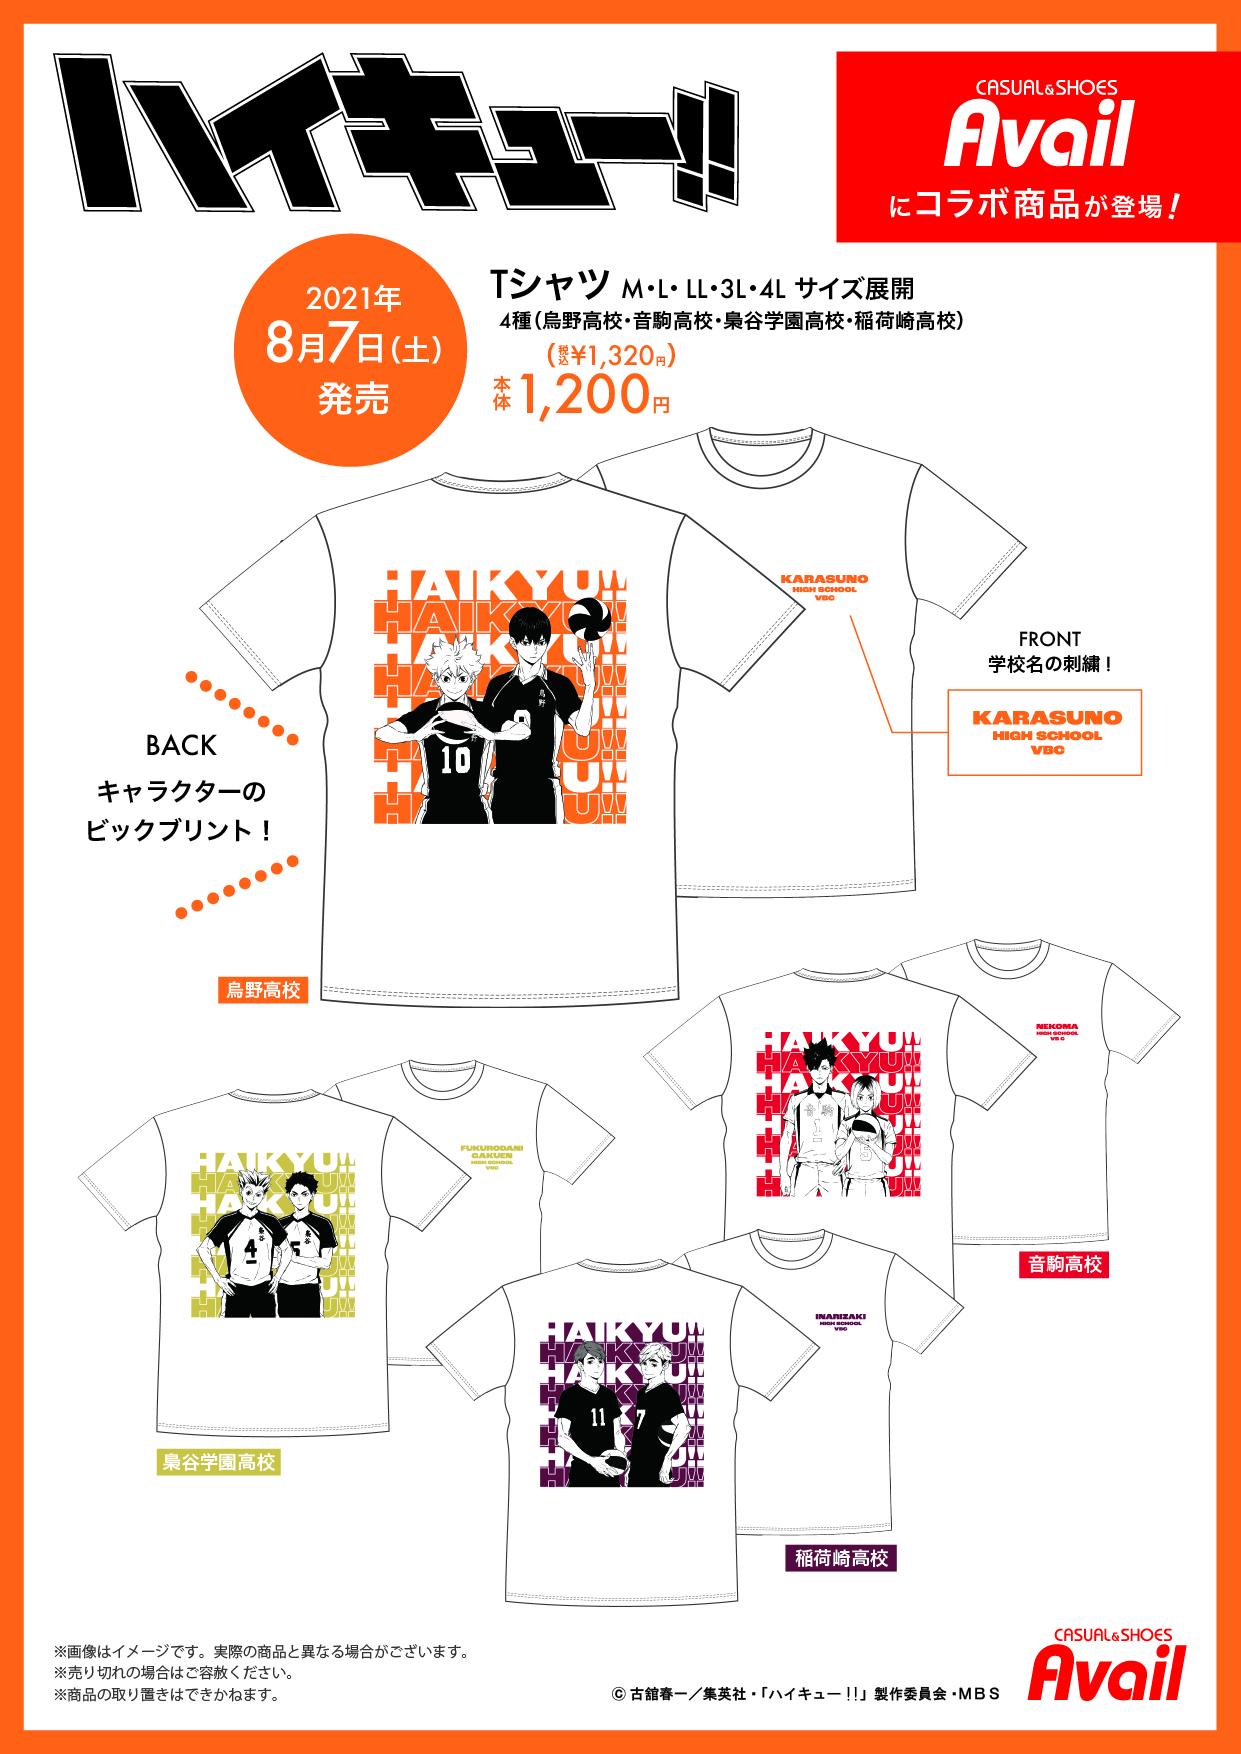 4校のデザイン「ハイキュー×アベイル」ステッカー付きTシャツなどコラボアイテム販売!